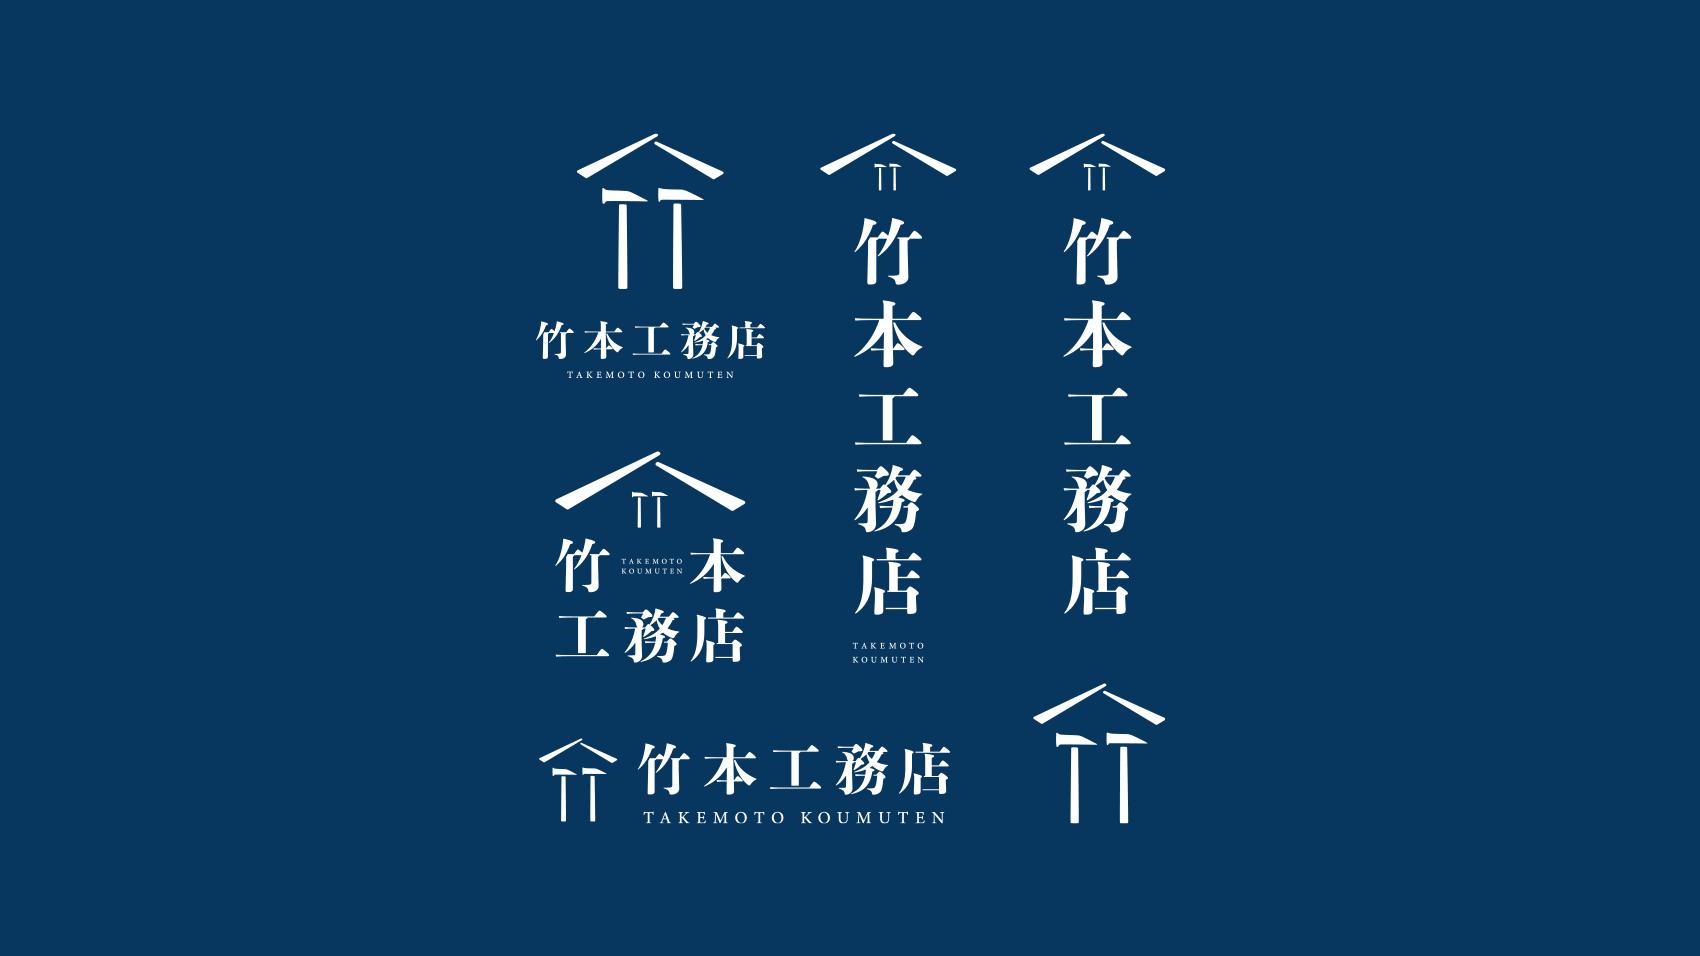 竹本工務店さまのロゴデザインバリエーション